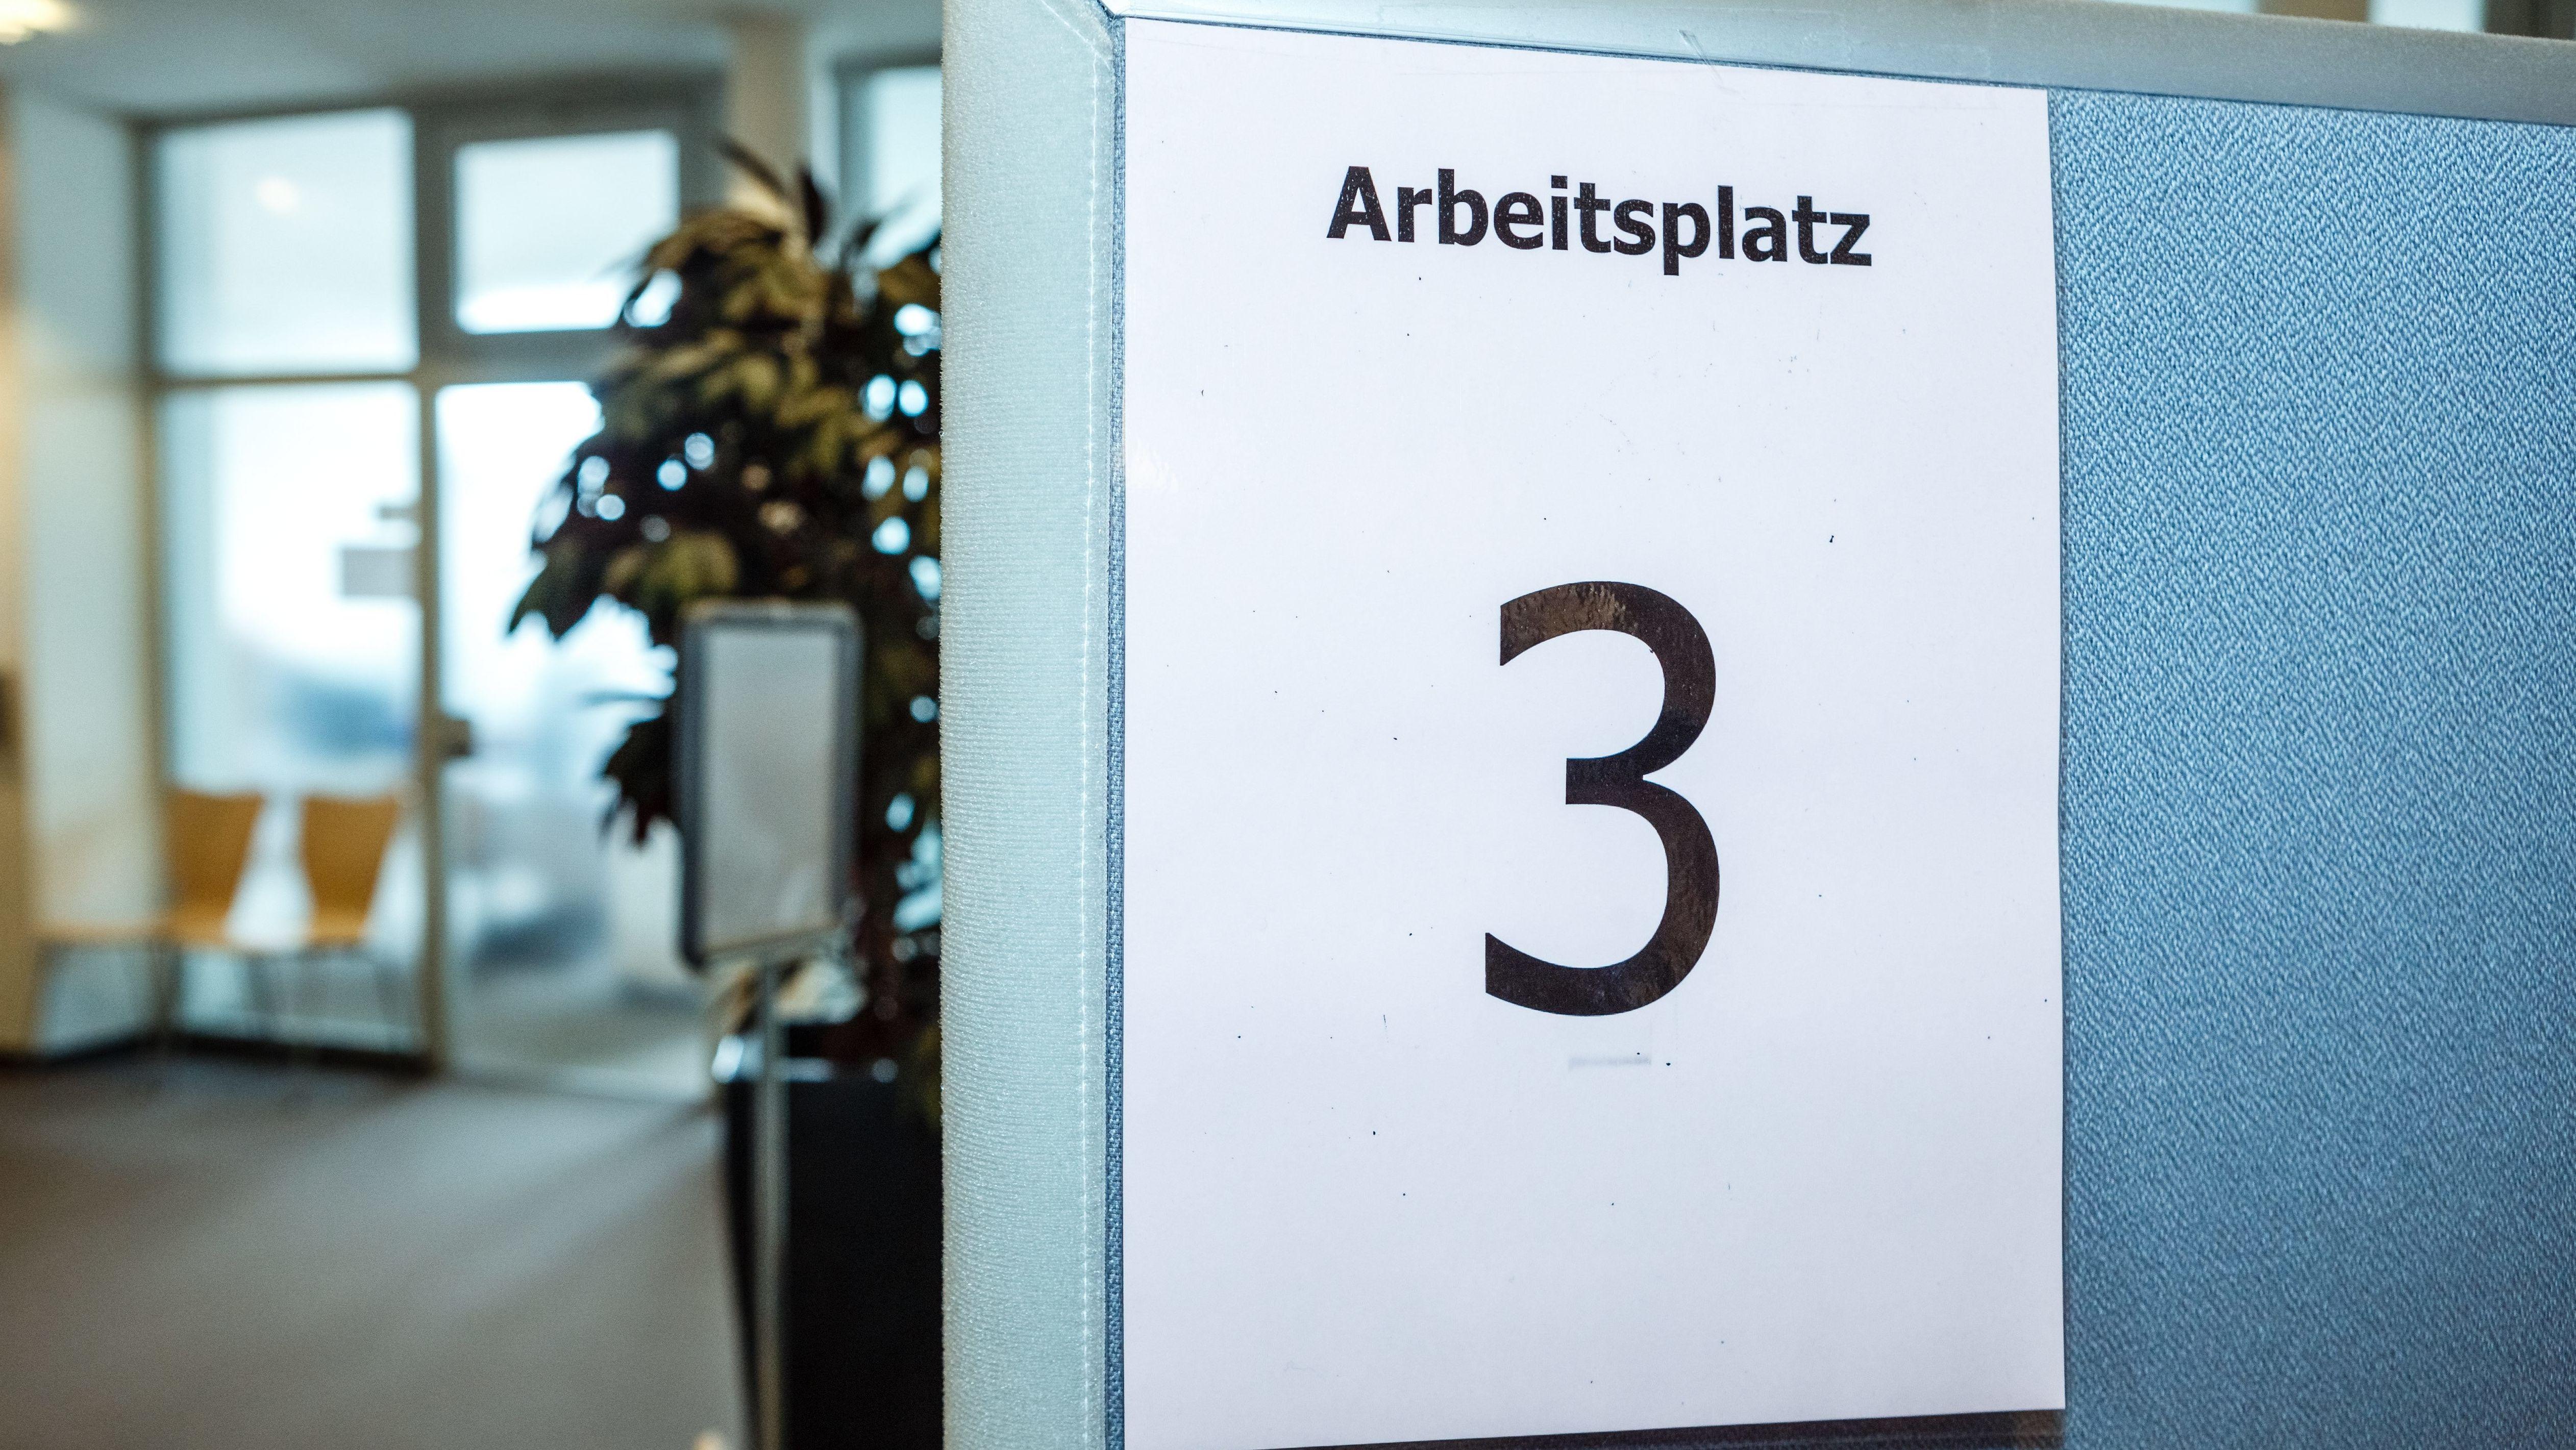 Archivbild: Arbeitsplatzkennzeichnung im Einwohnermeldeamt